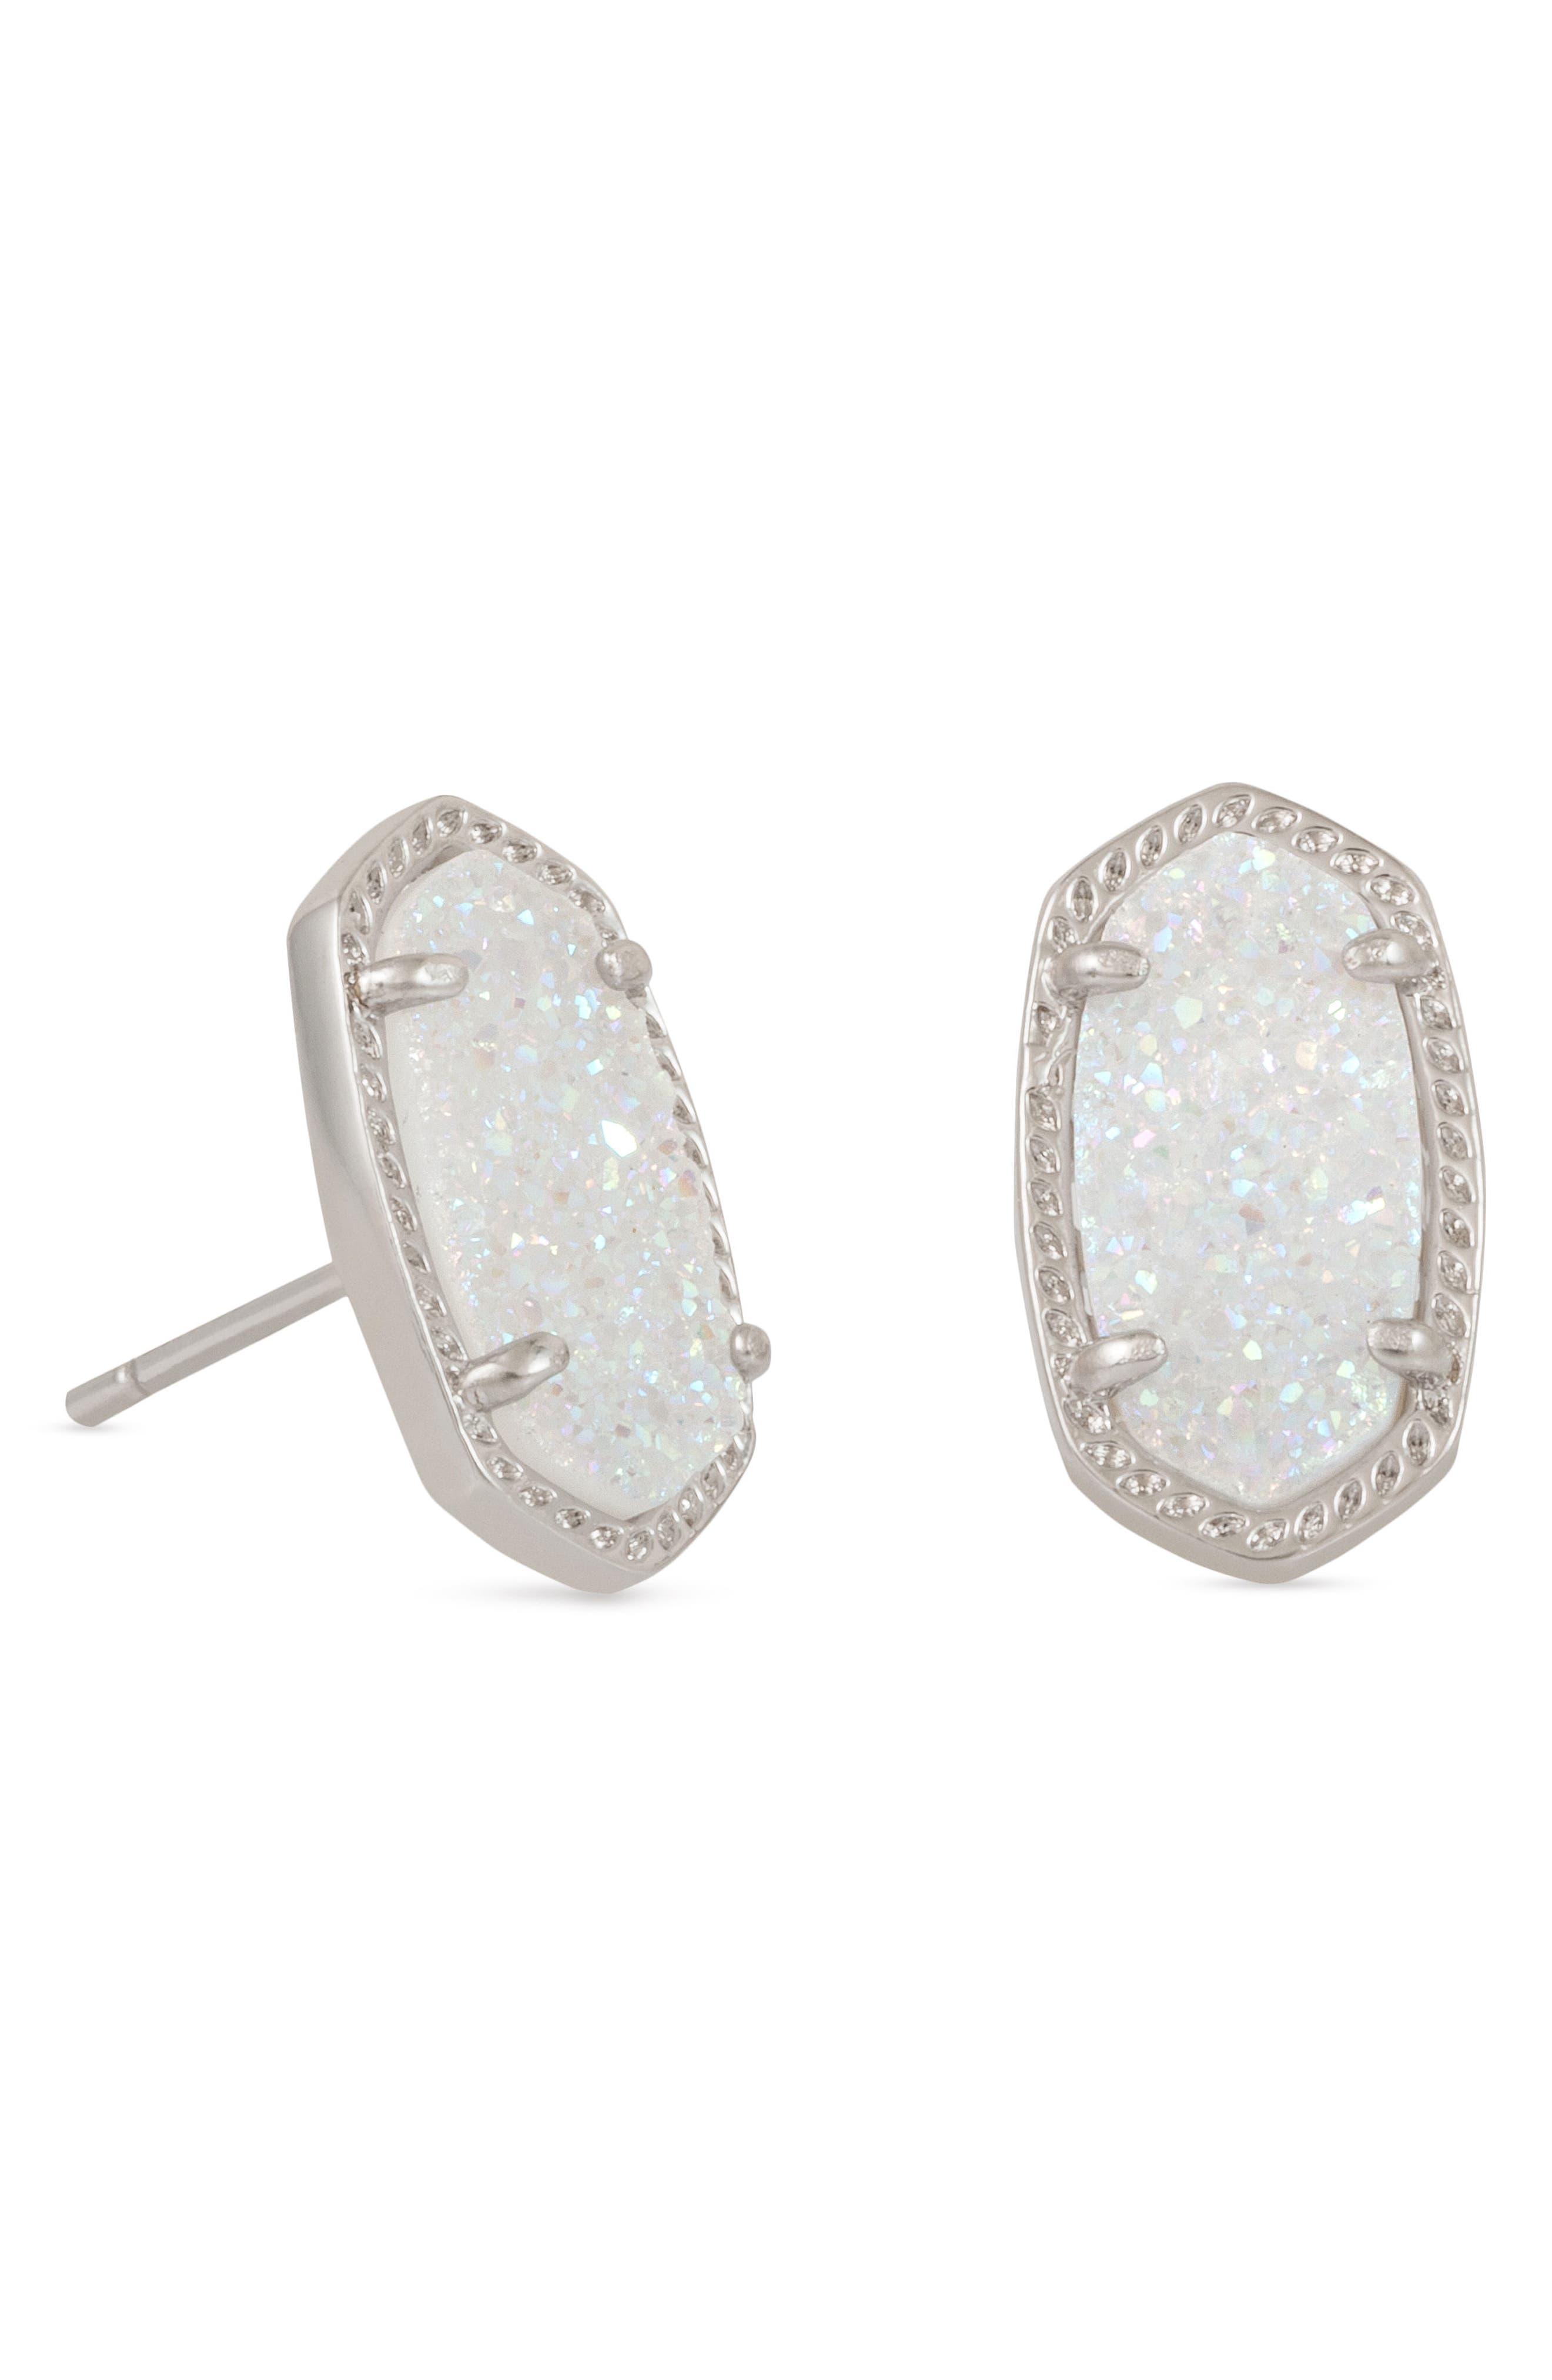 Kendra scott womens stud earrings nordstrom arubaitofo Images